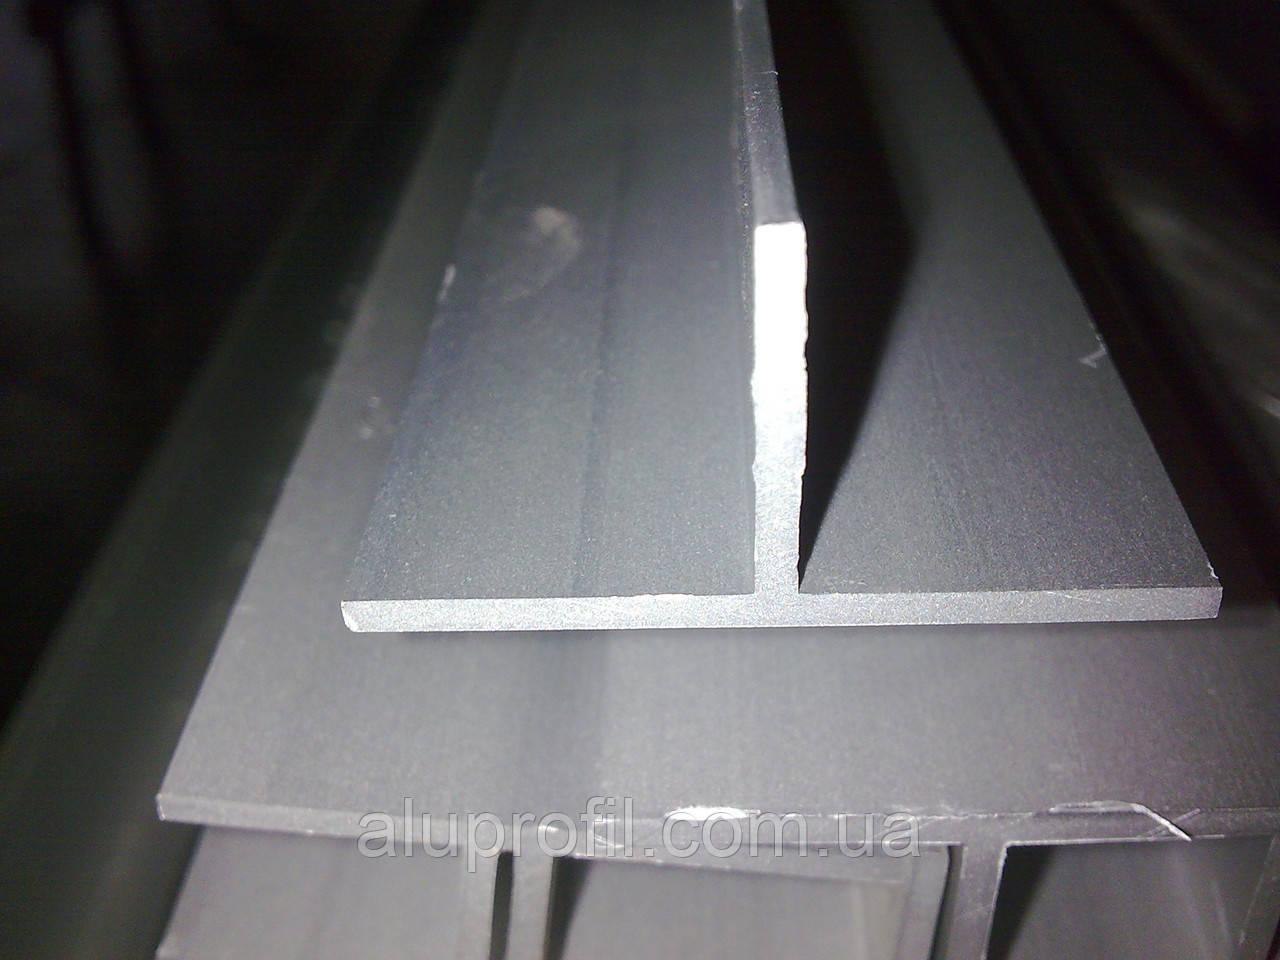 Алюминиевый профиль — тавр алюминиевый 40х40х3 Б/П